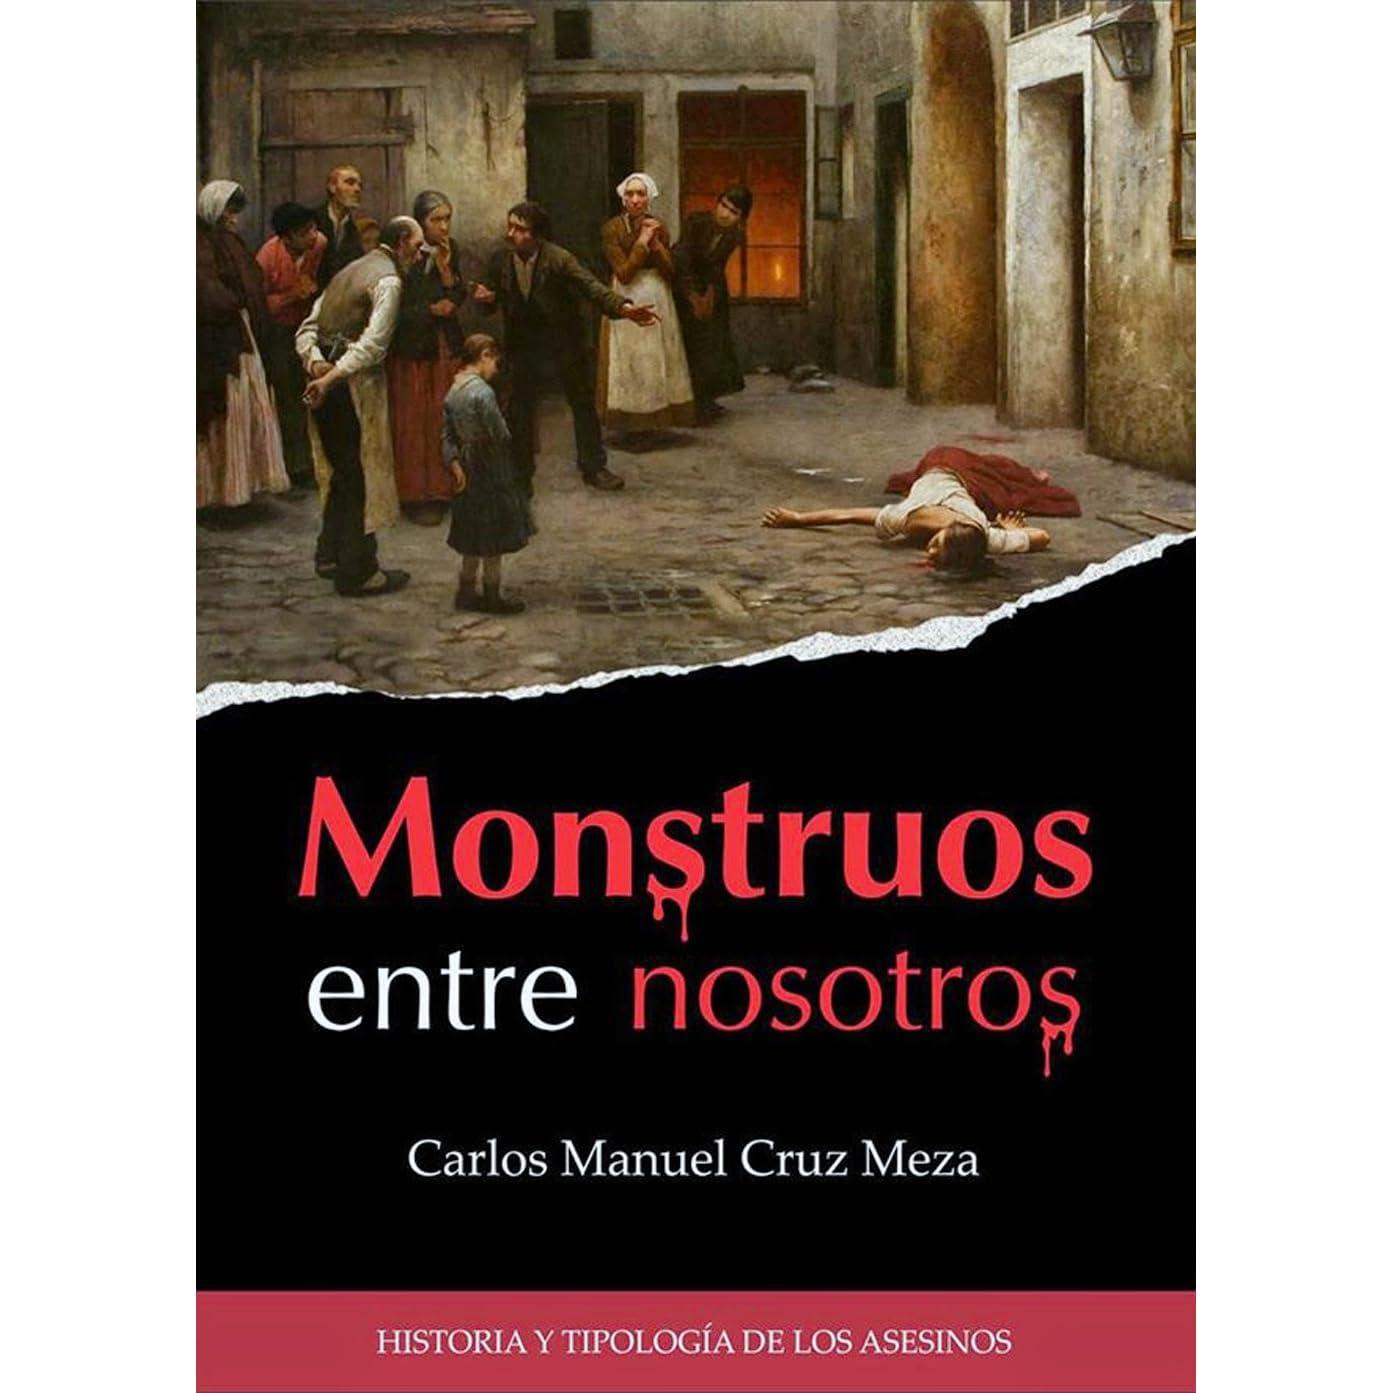 Monstruos entre nosotros: historia y tipología de los asesinos by ...